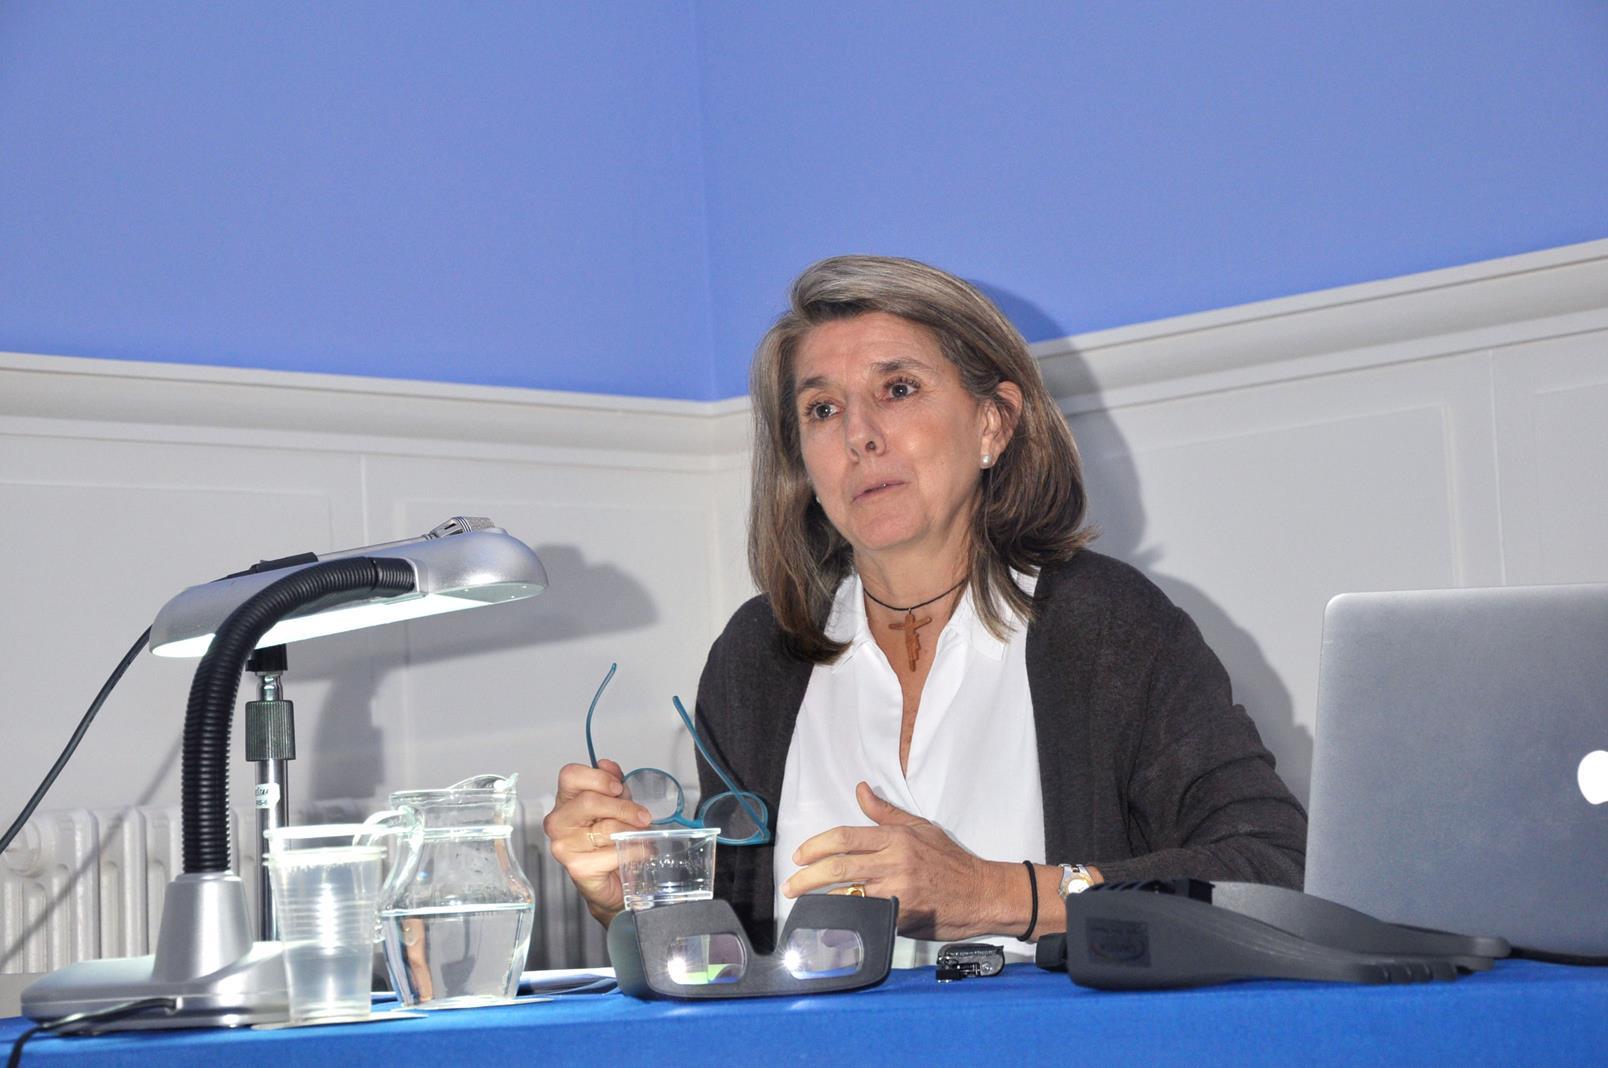 Reyes Utrera. Conservadora, Palacio Real, Madrid. Ponencia, 24/10/19